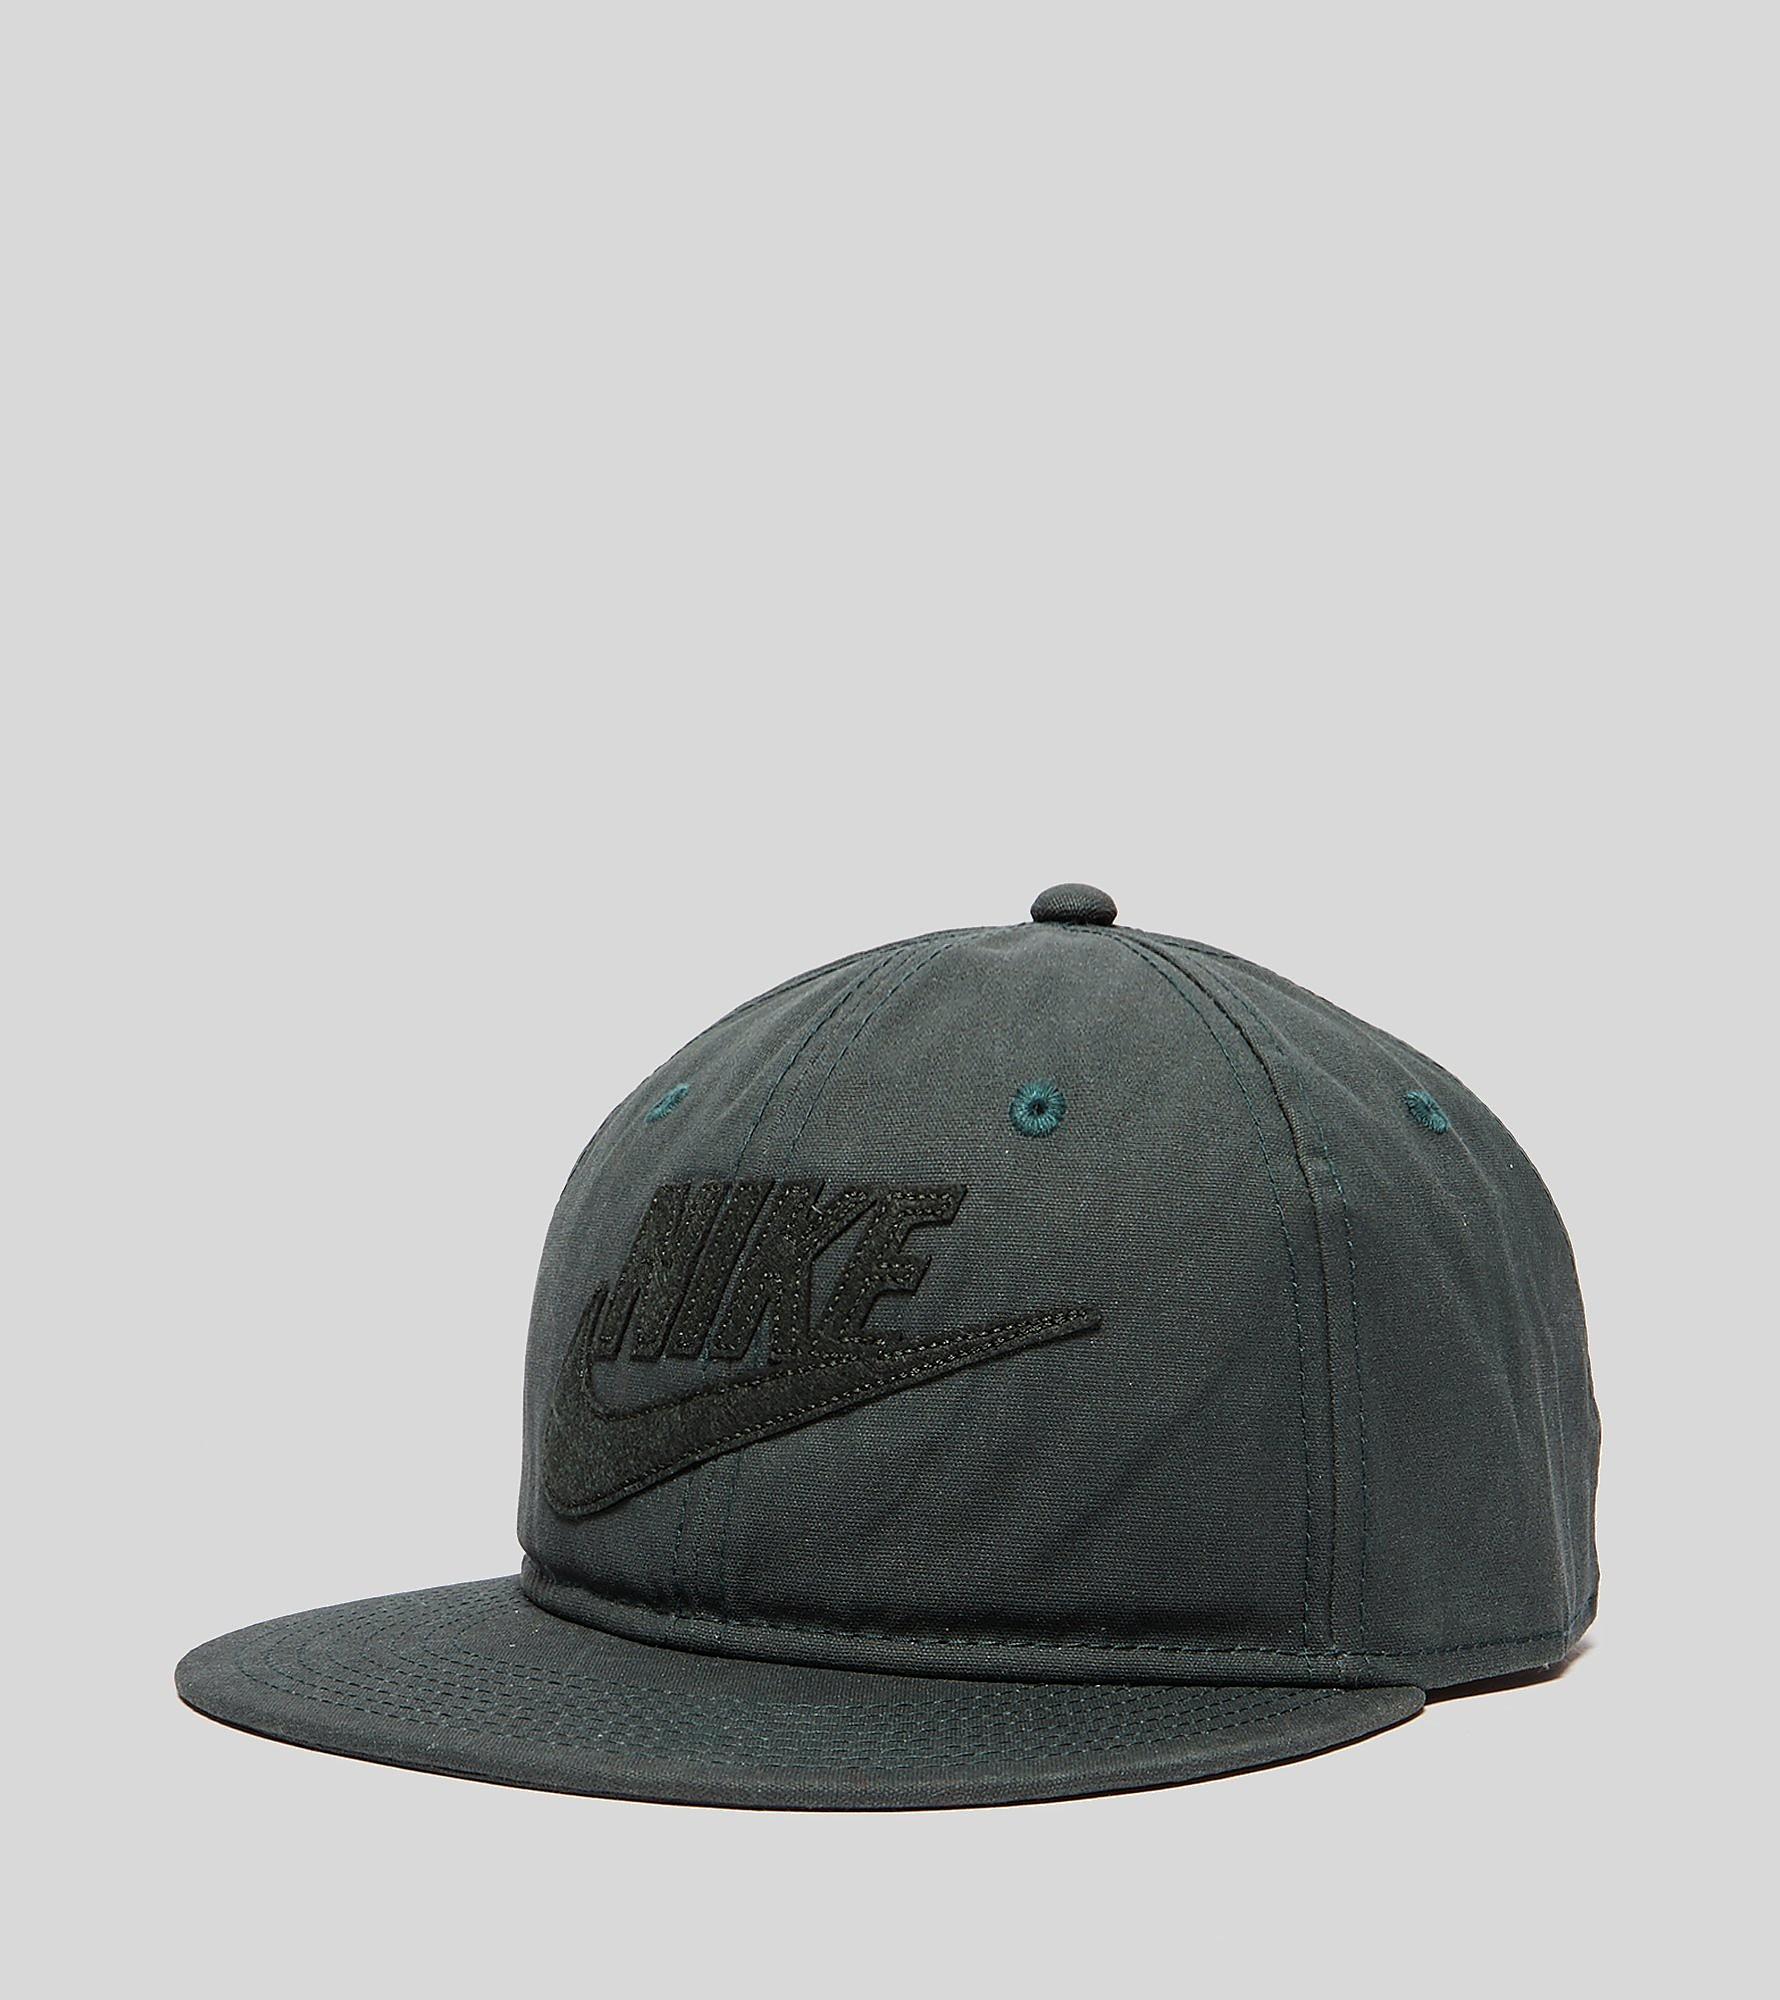 Nike True Cap